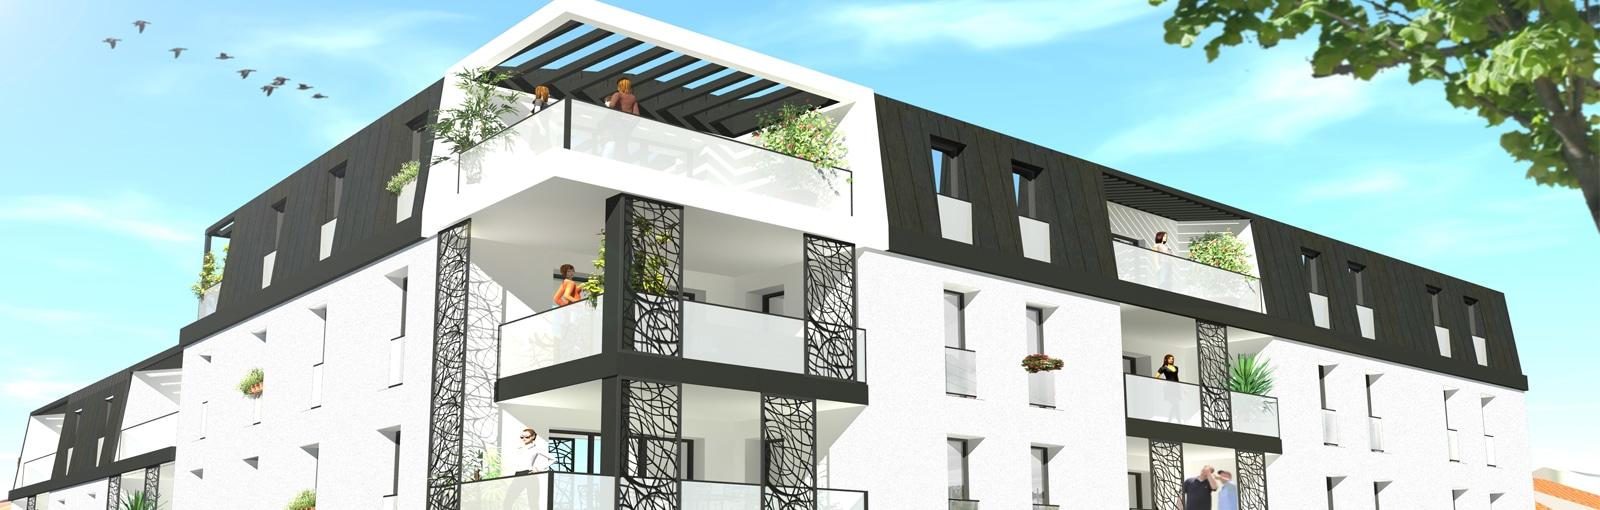 city 1600 facade